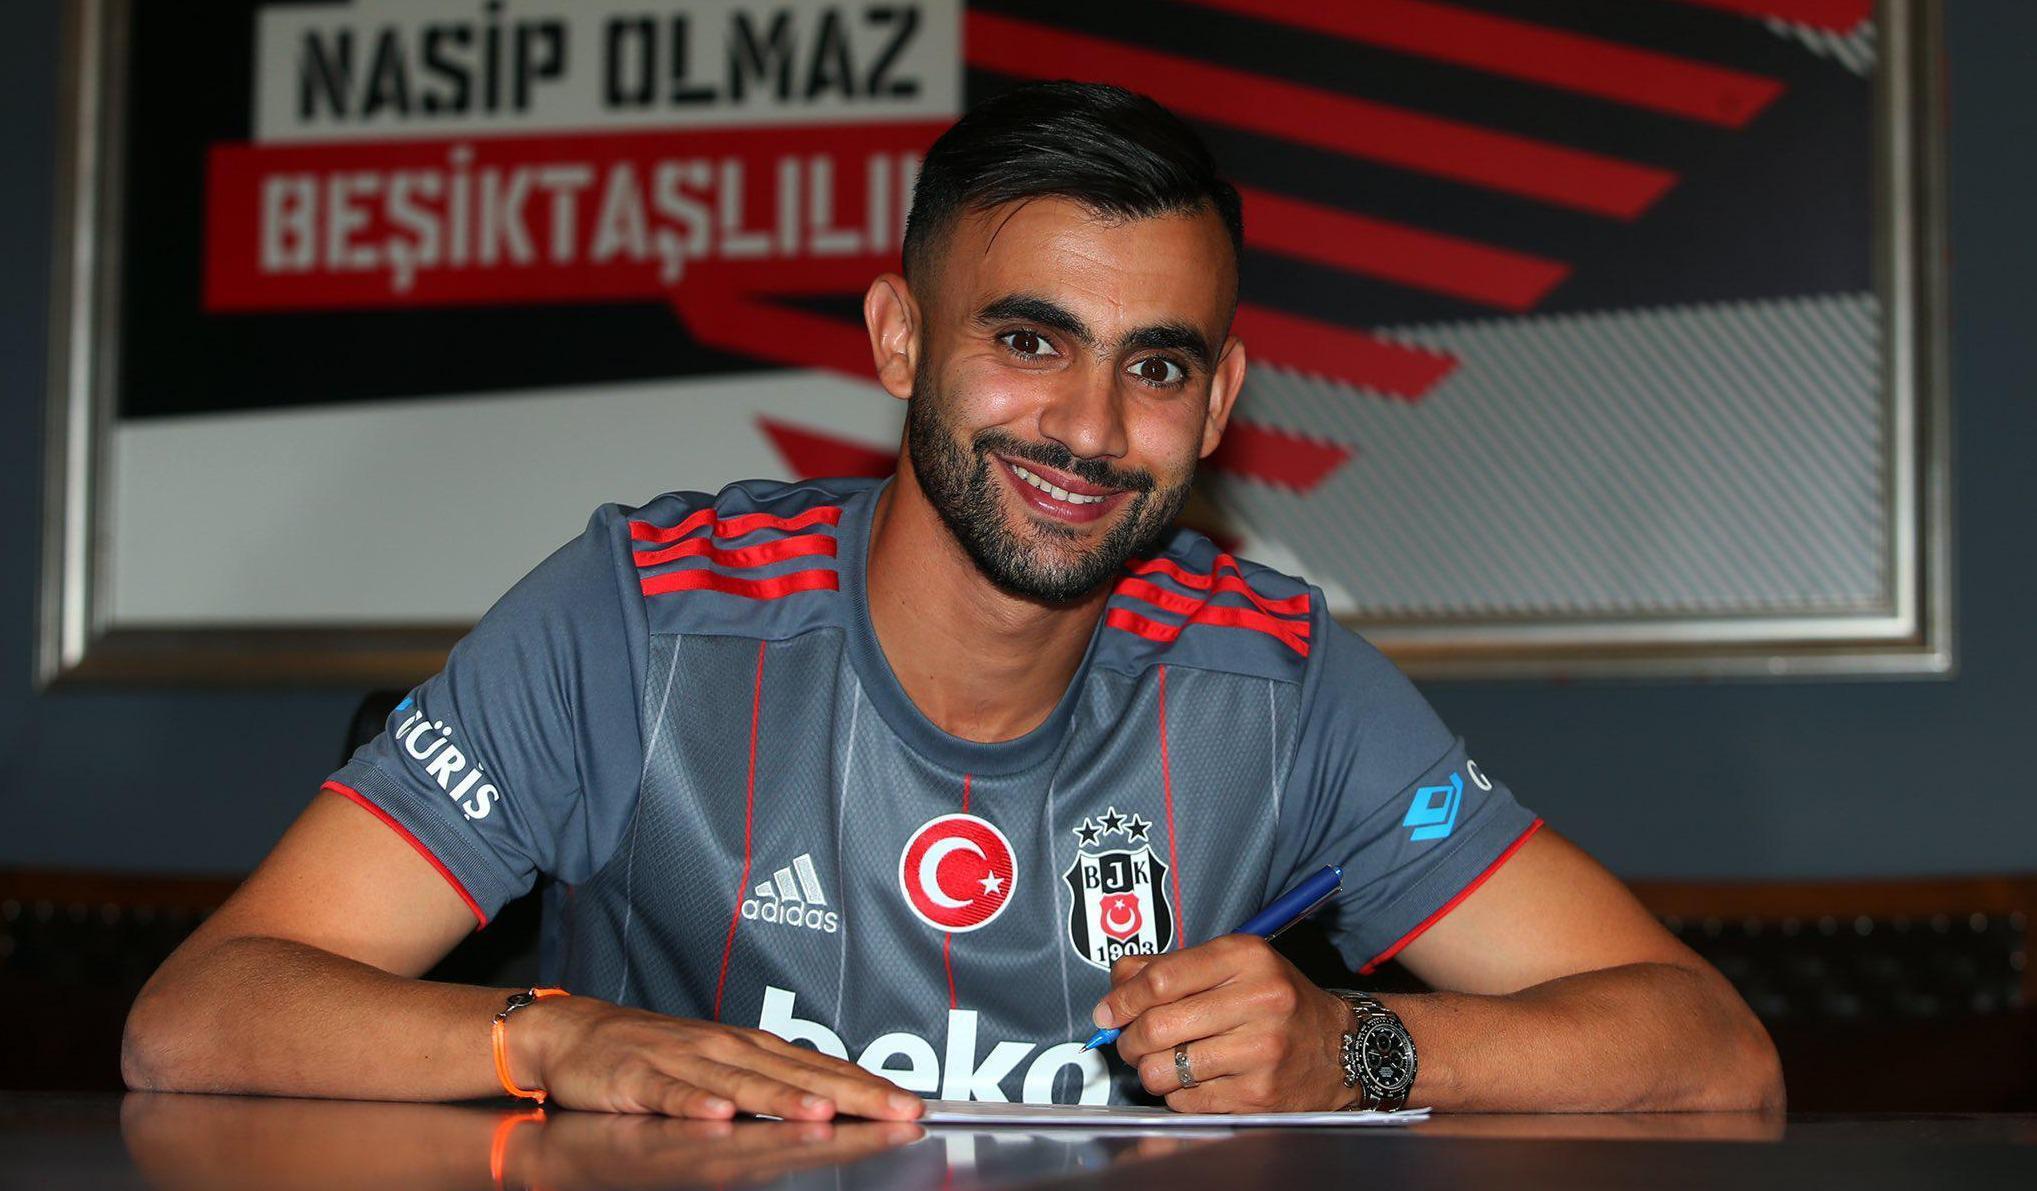 Son dakika haberi: Transferin gözdesi Rachid Ghezzal resmen Beşiktaşta!